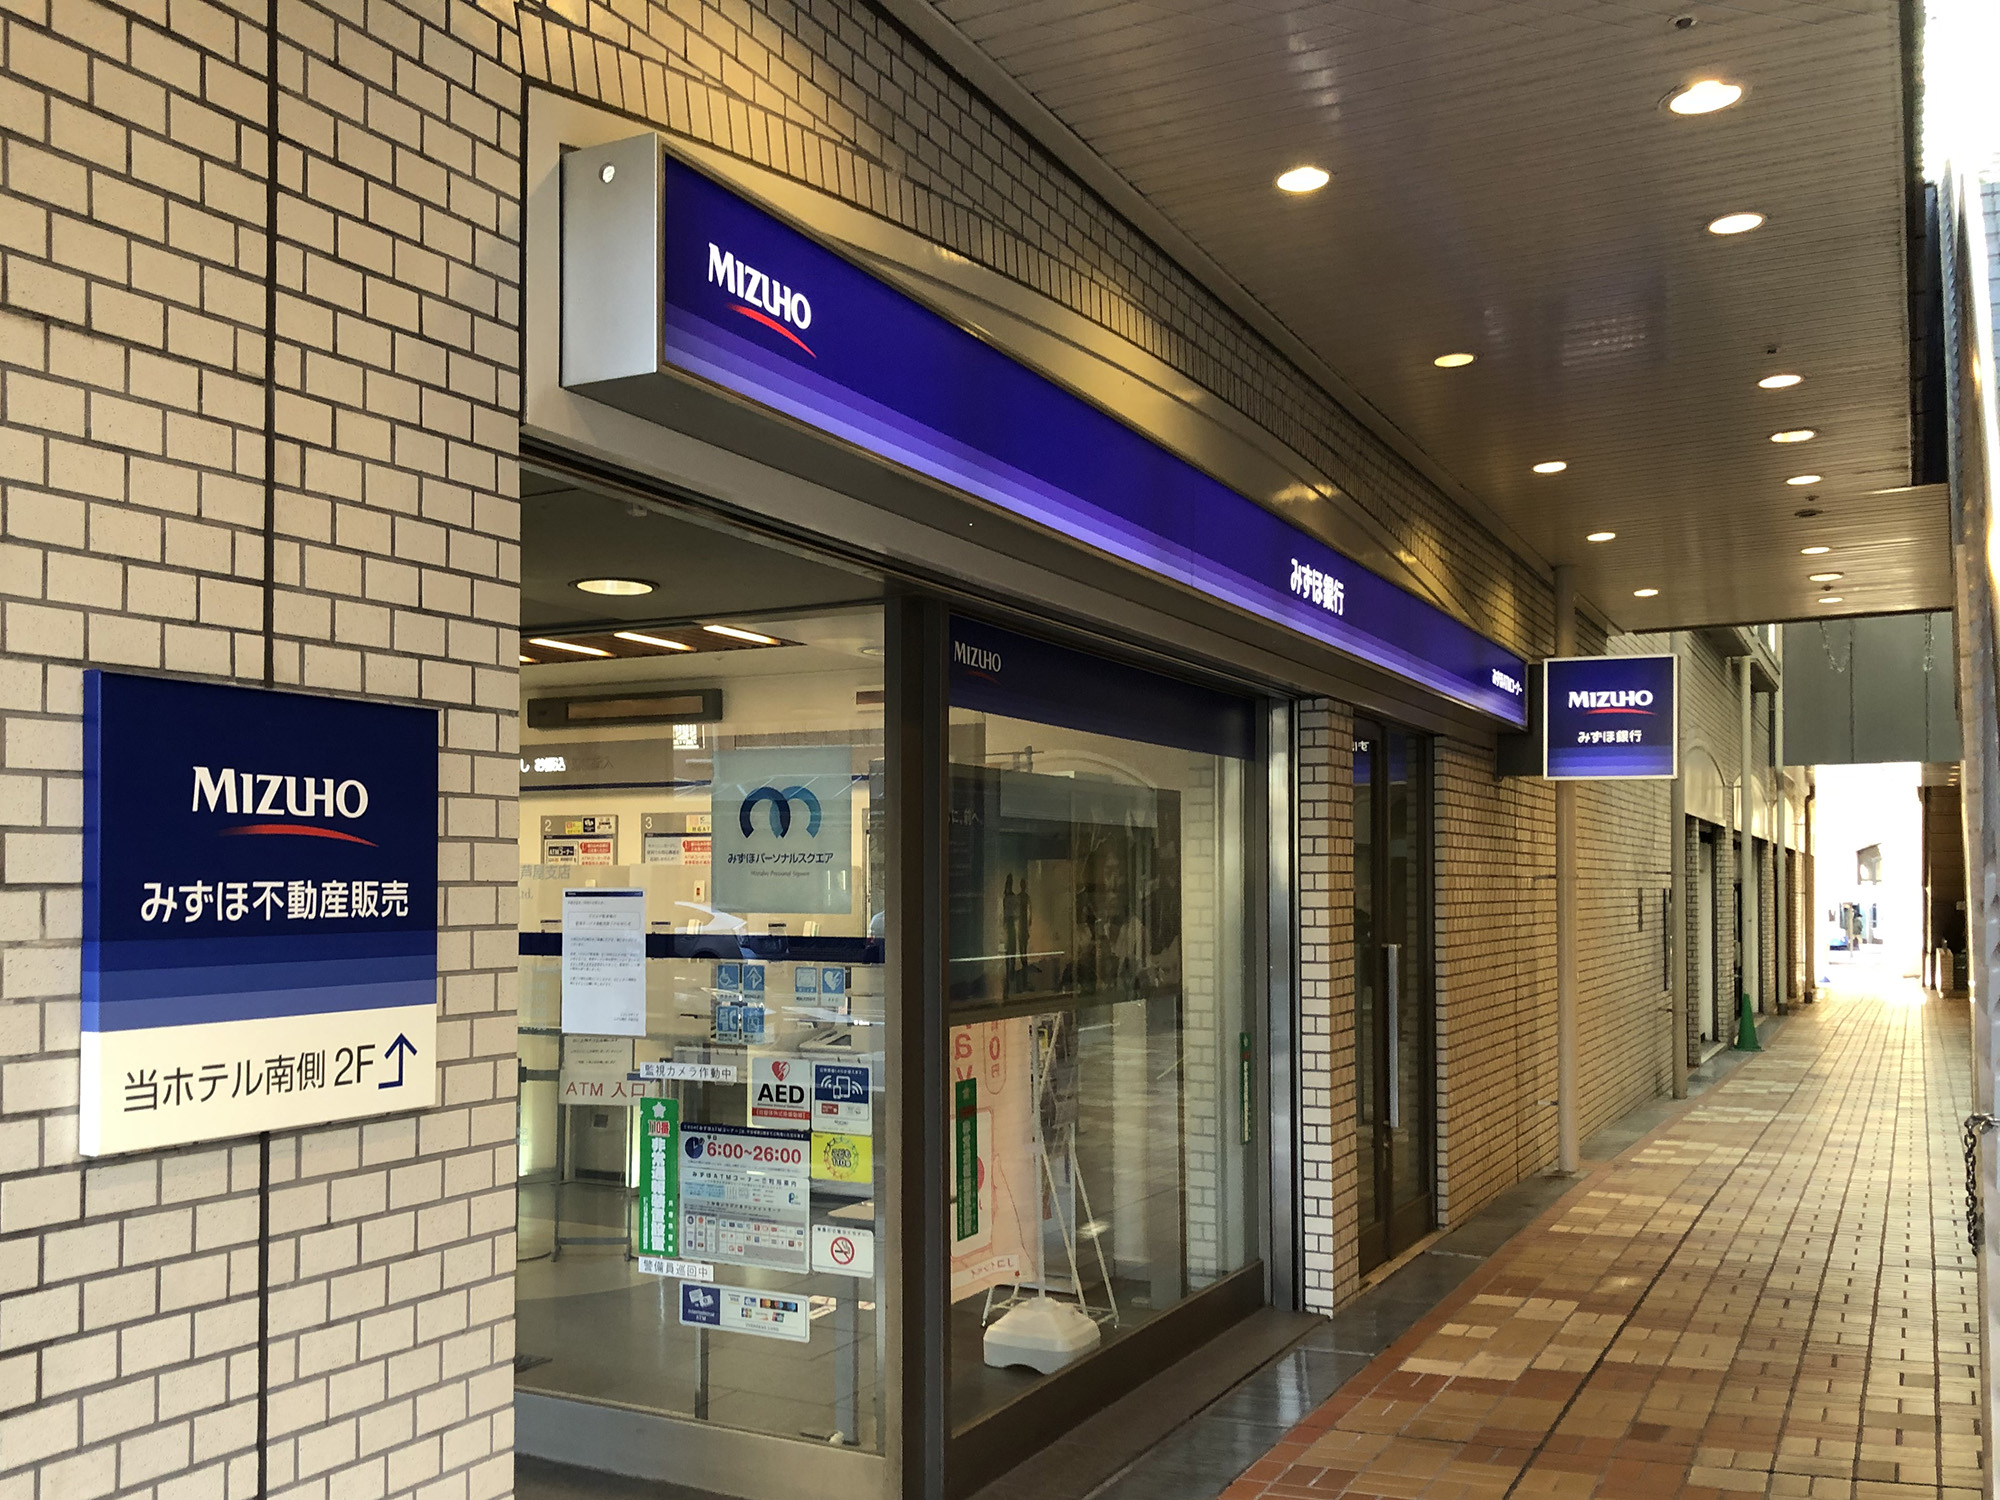 みずほ銀行 芦屋支店